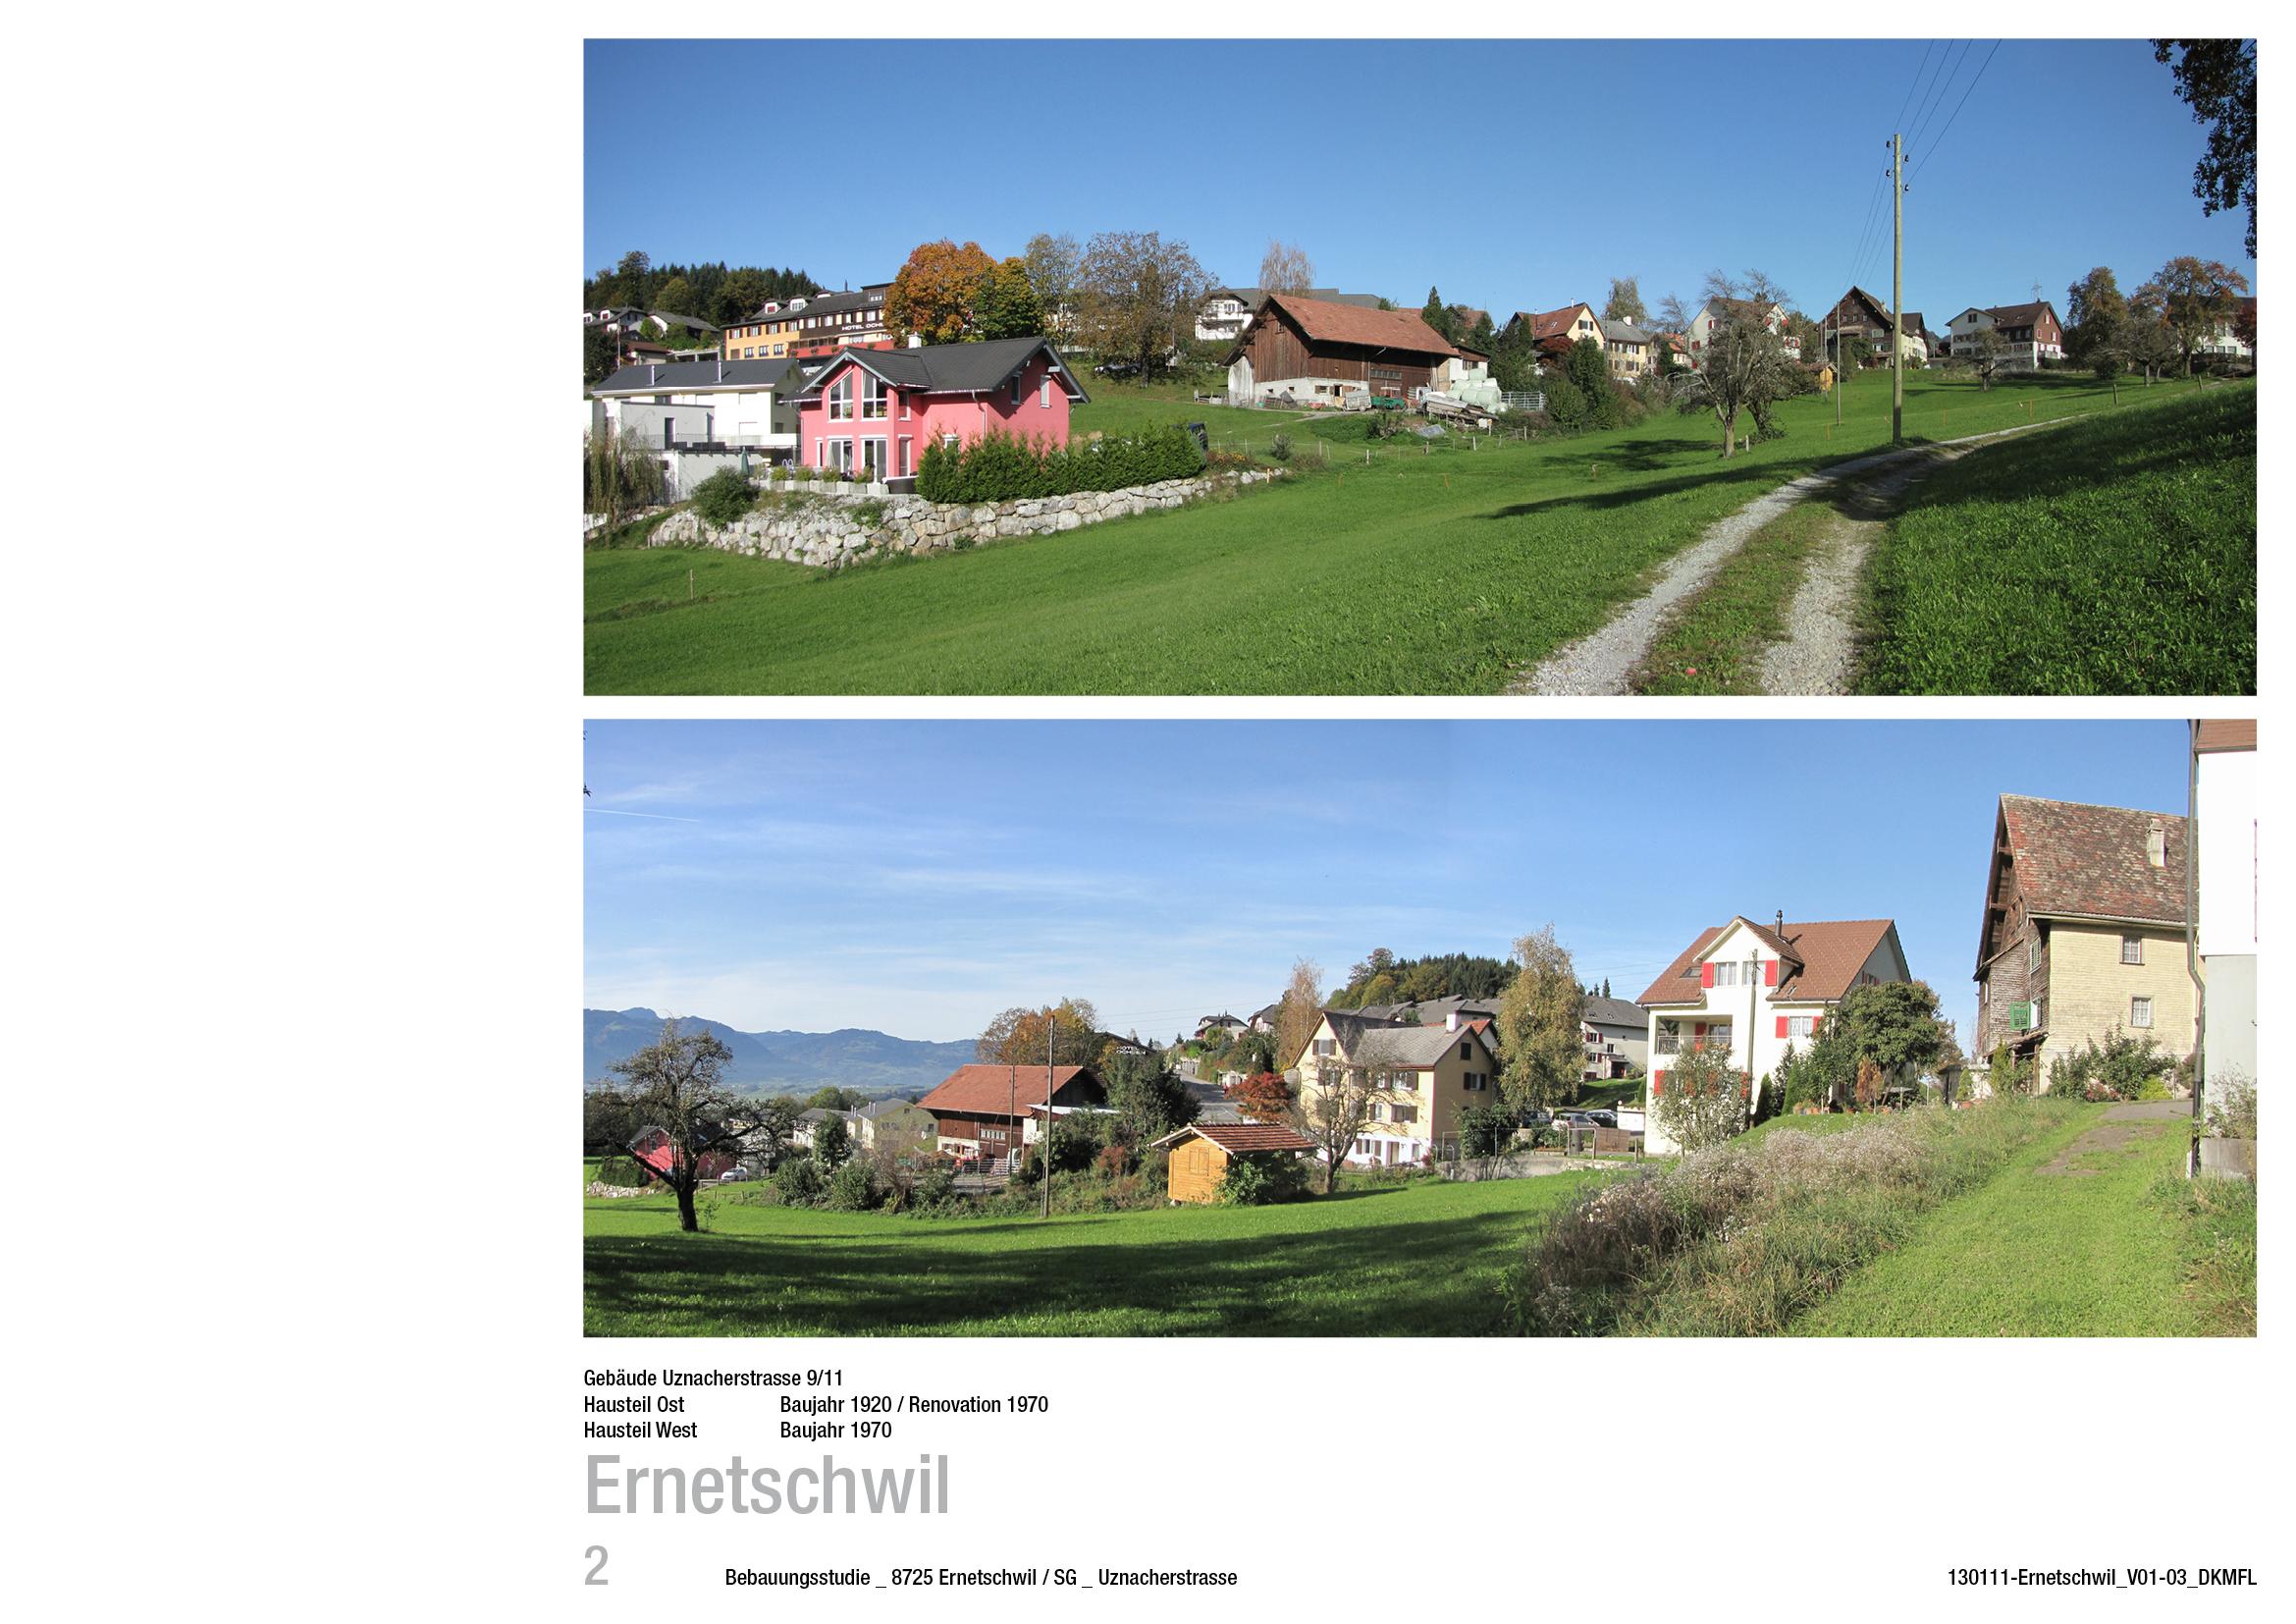 130111-Ern_DKMFL2.jpg